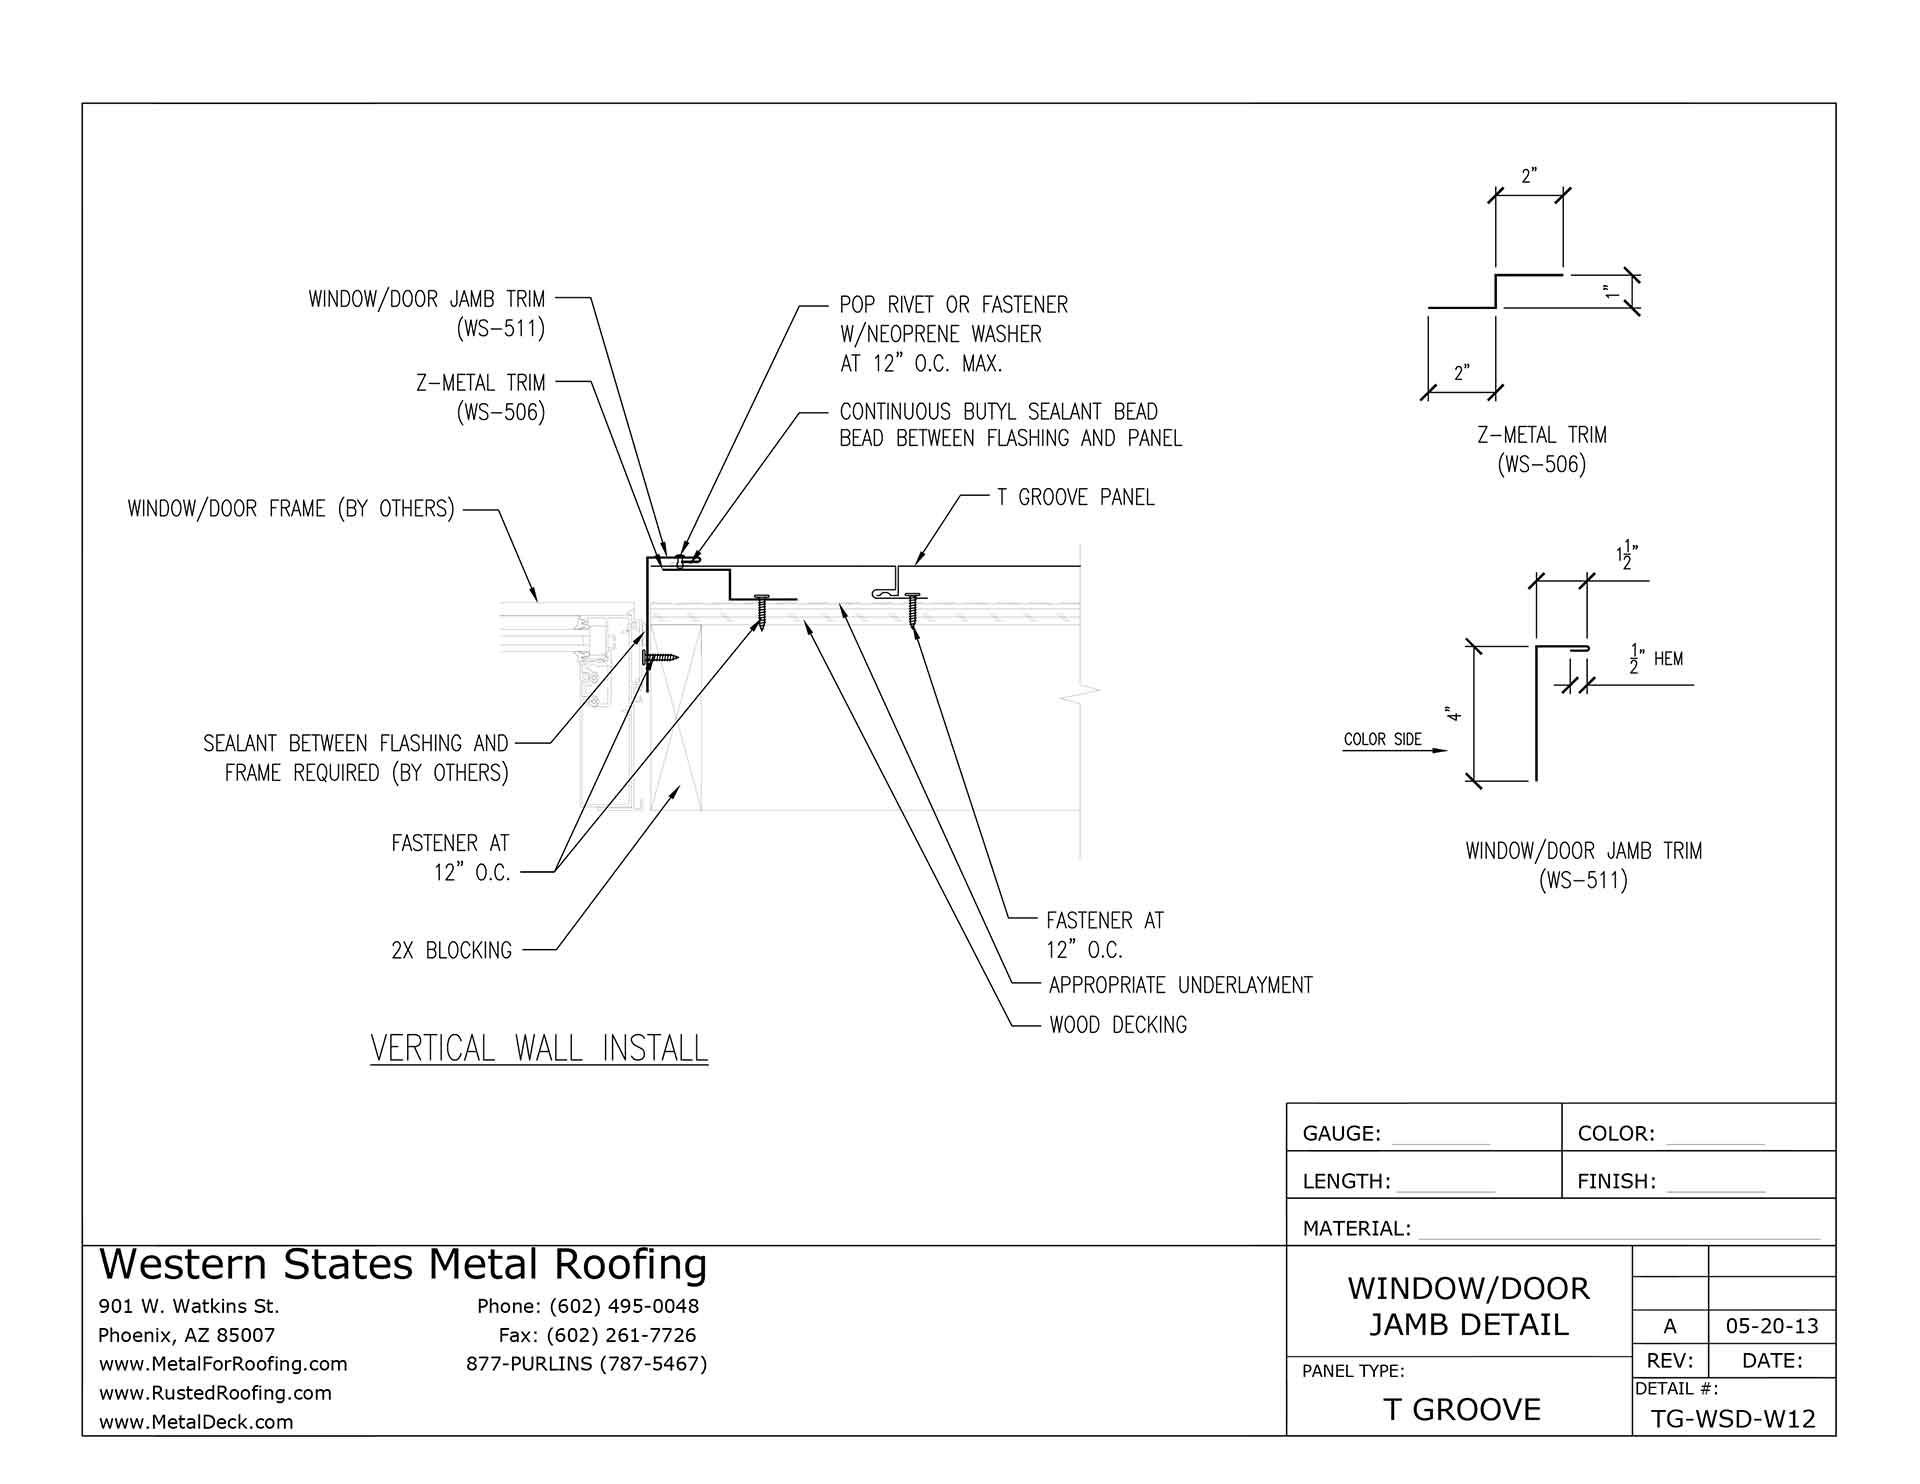 https://f.hubspotusercontent30.net/hubfs/6069238/images/trim-flashings/t-groove/tg-wsd-w12-window-door-jamb-detail.jpg